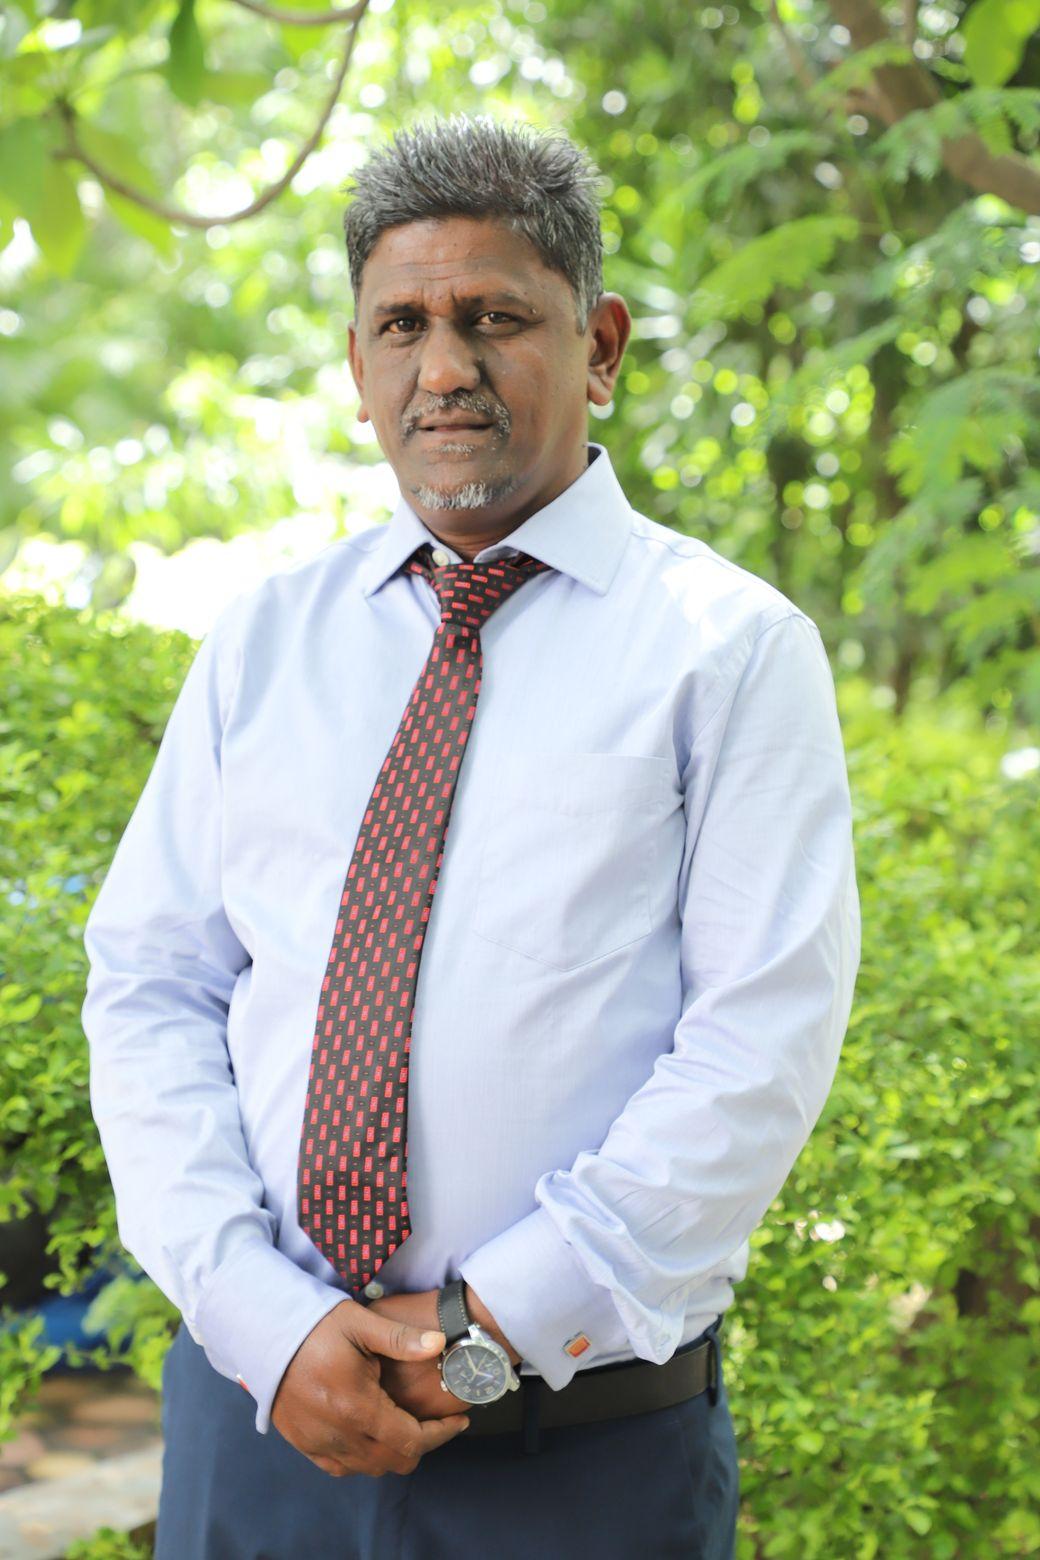 Mr. Feroz Ahmed Khan